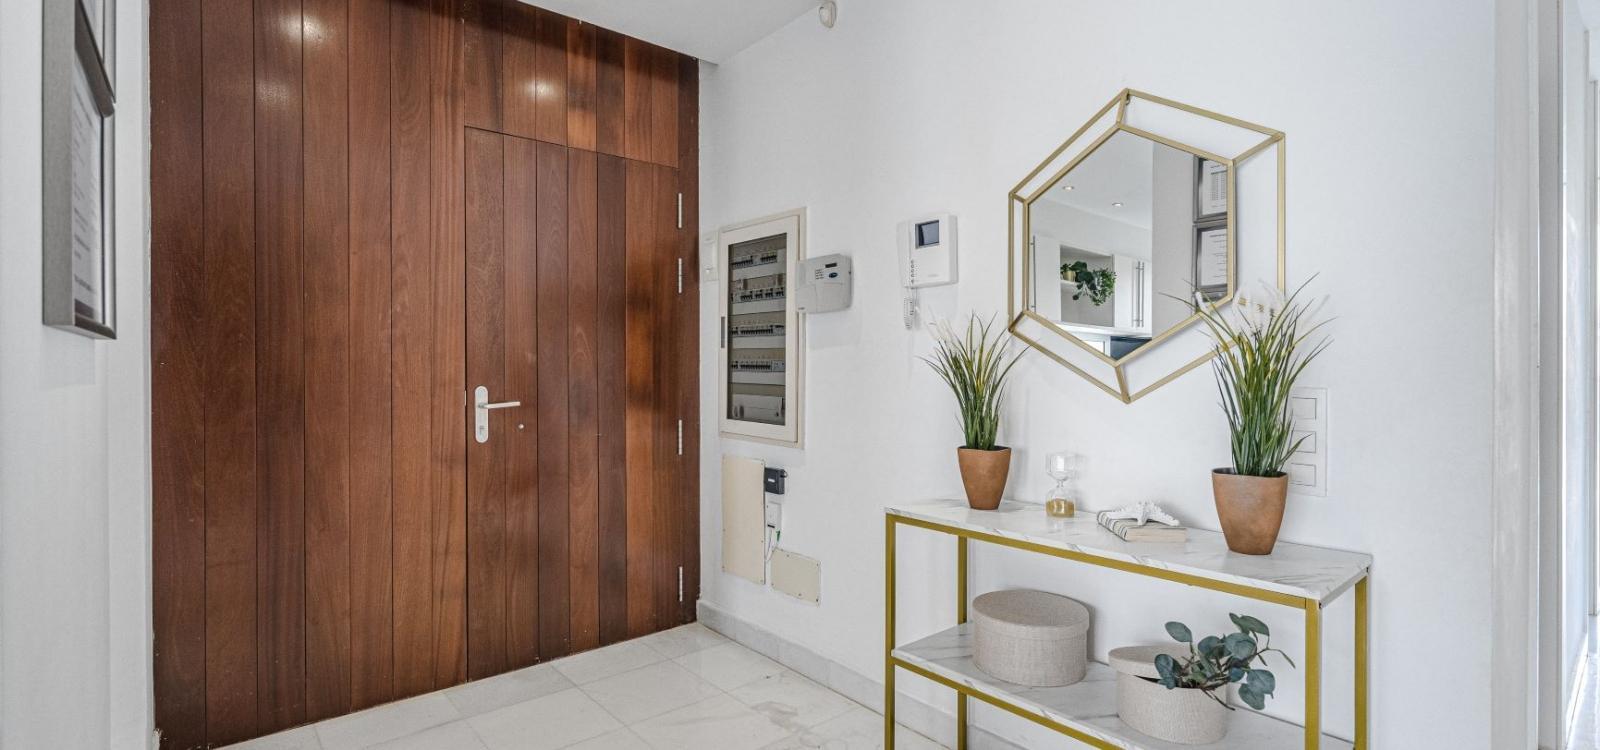 Lux Villa 29 (with 6 Bedrooms, 4 Bathrooms)